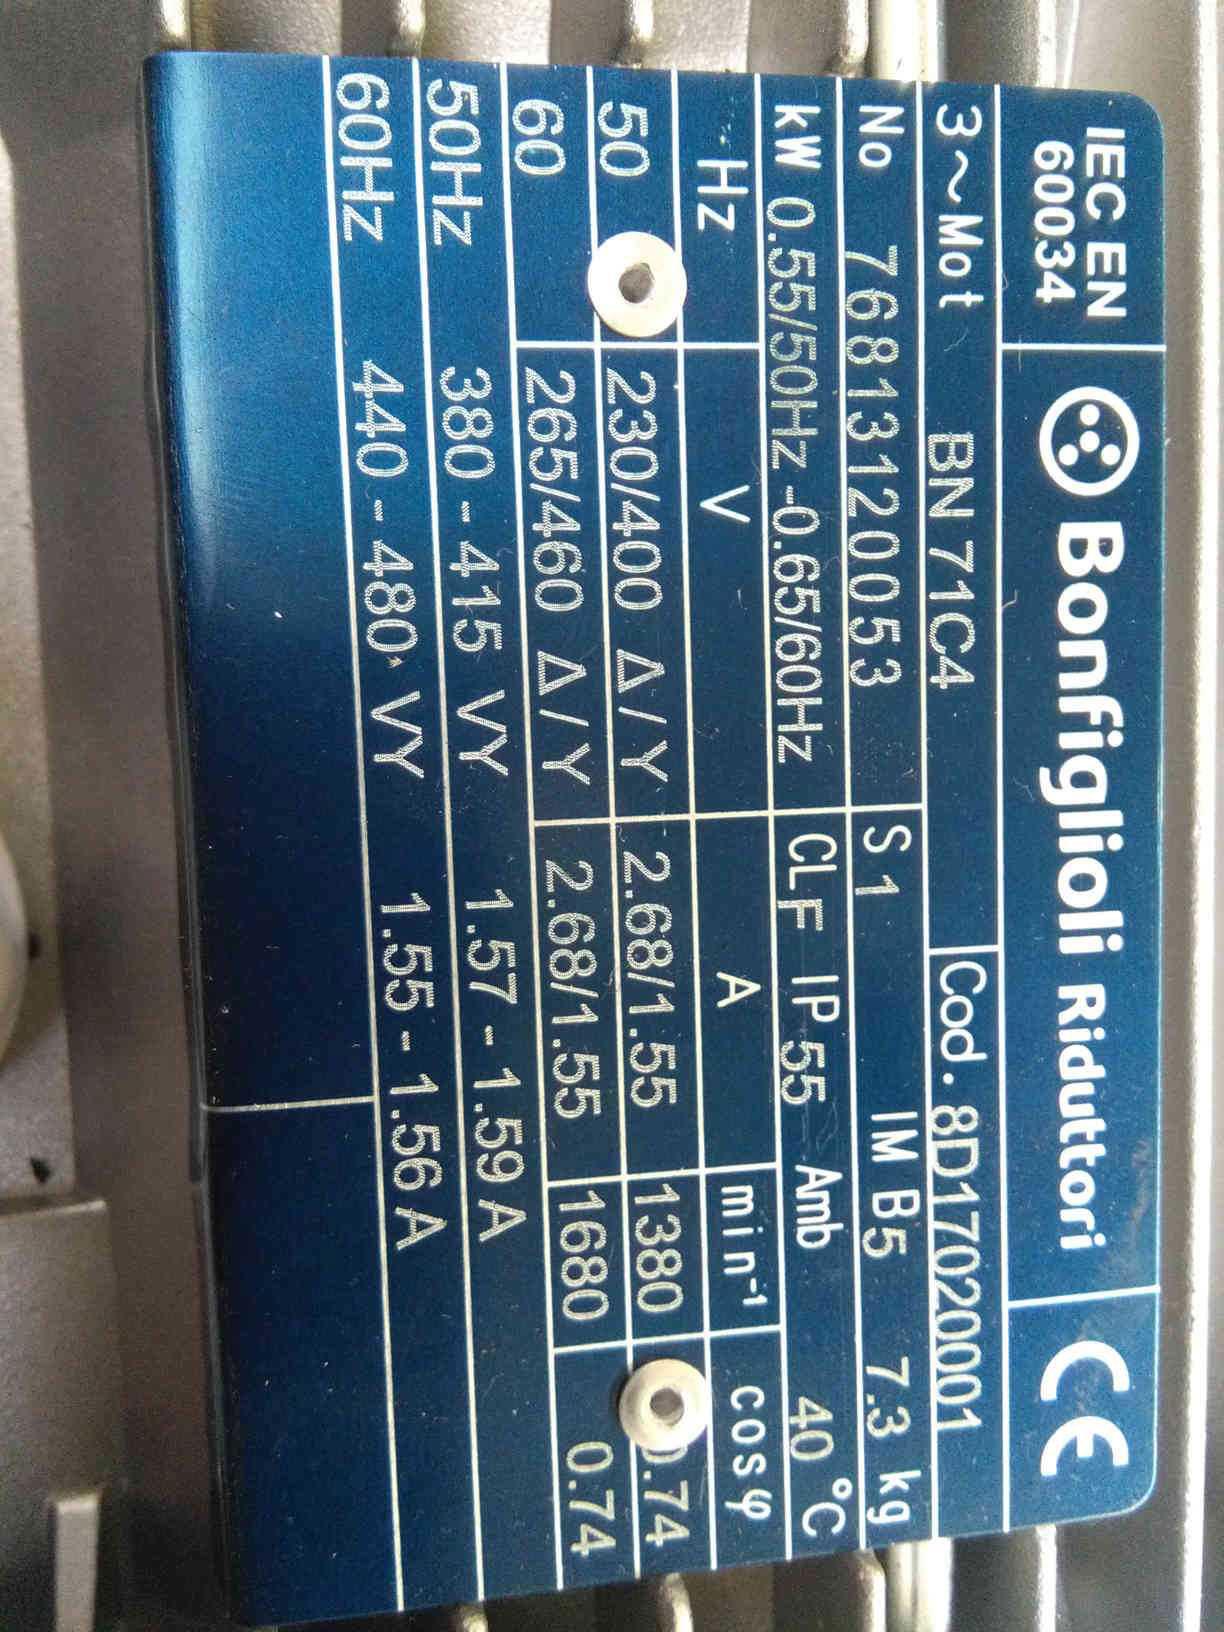 Motore elettrico asincrono trifase Bonfiglioli tipo BN71C4, codice 8D1702000